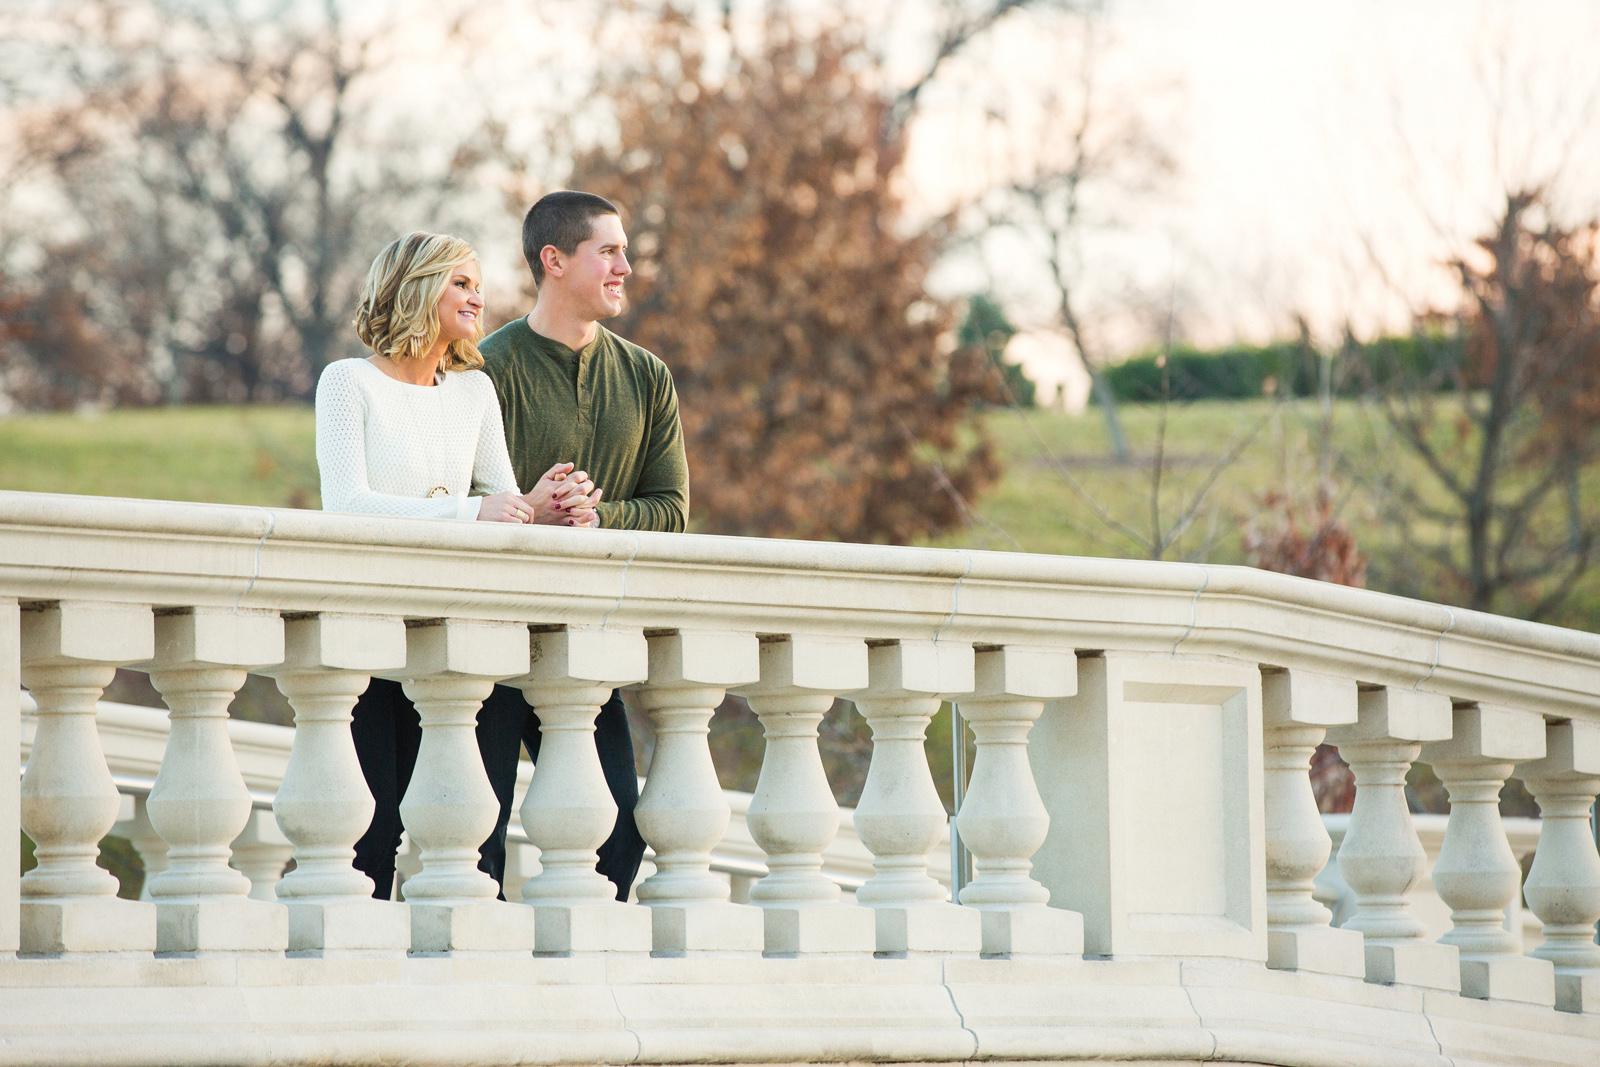 St Louis Forest Park Engagement Session_20141214_171741-2.jpg